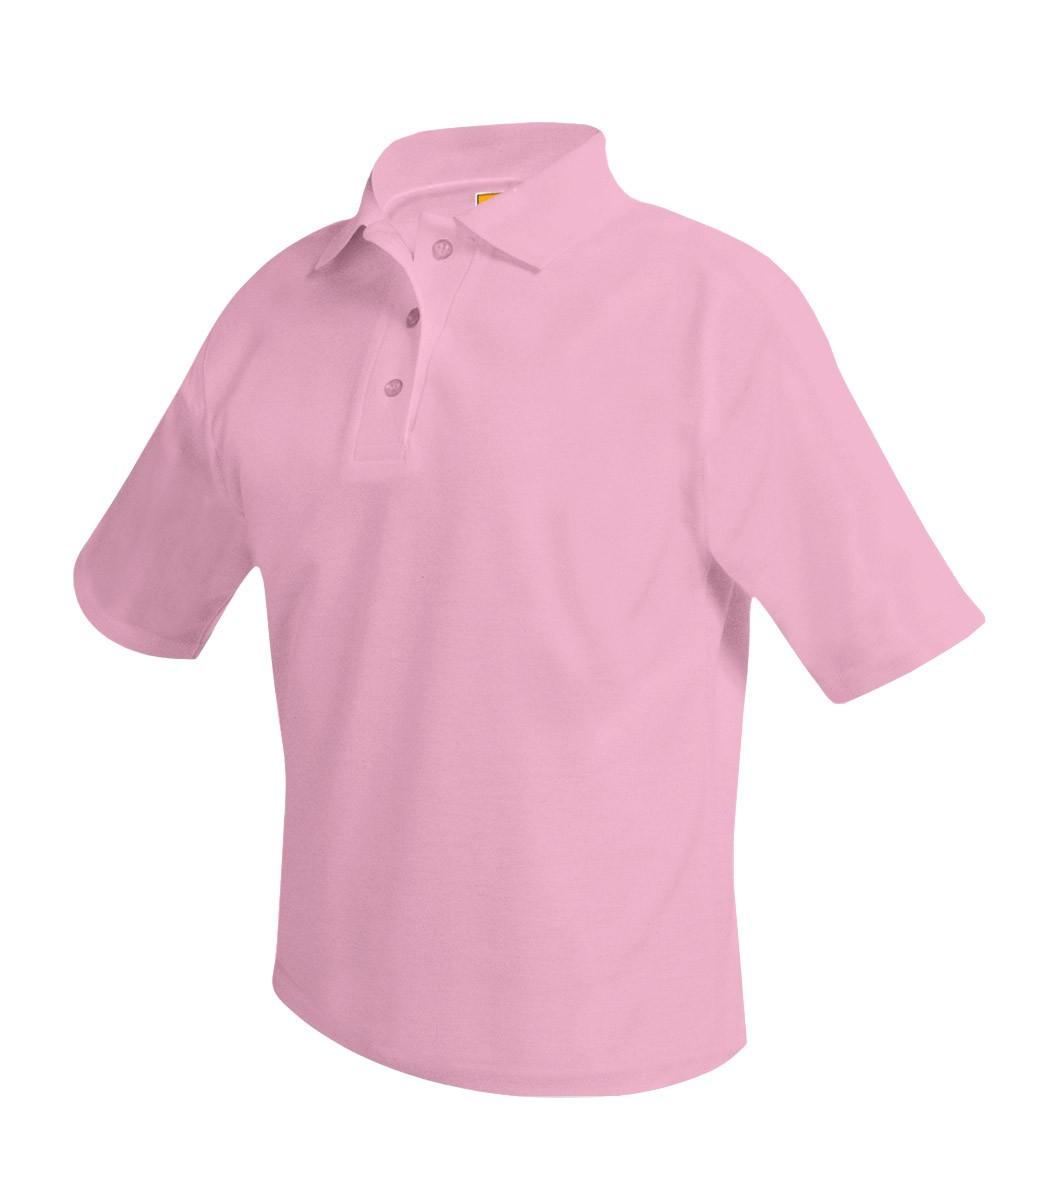 MILESTONE Girls' Pink S/S Polo w/ Logo